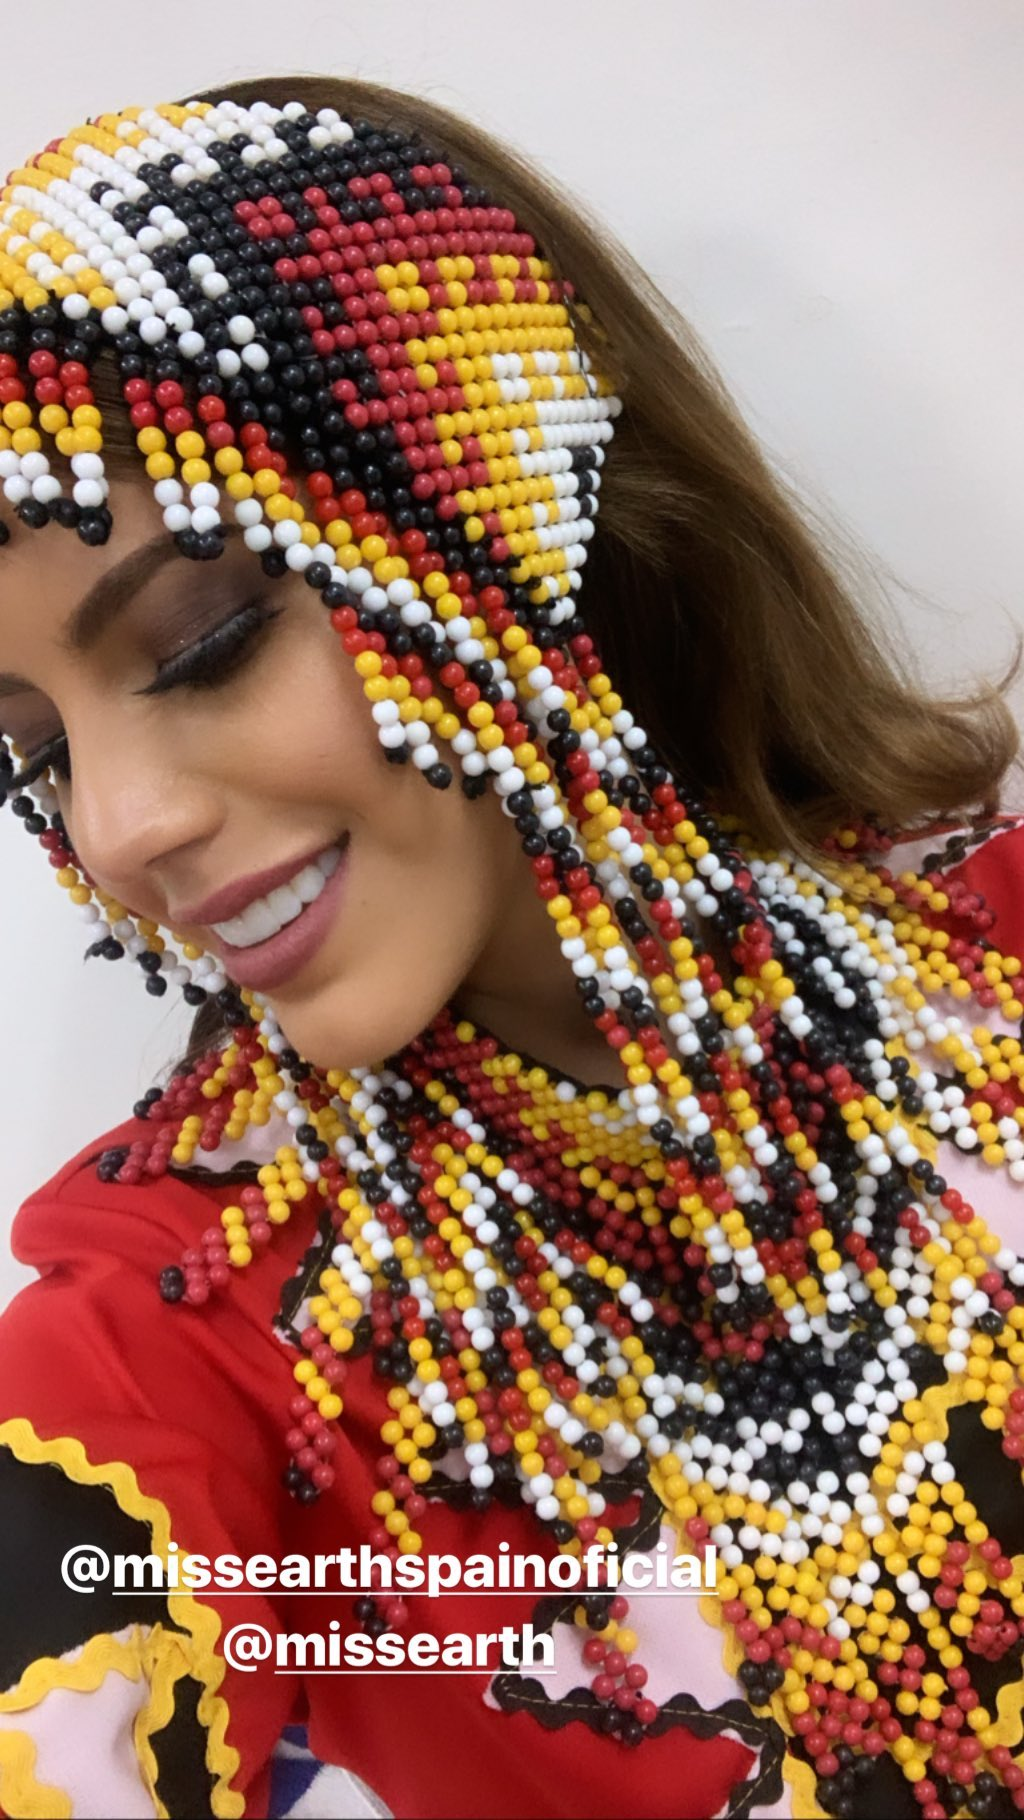 sonia hernandez, top 20 de miss earth 2019. - Página 2 70517610